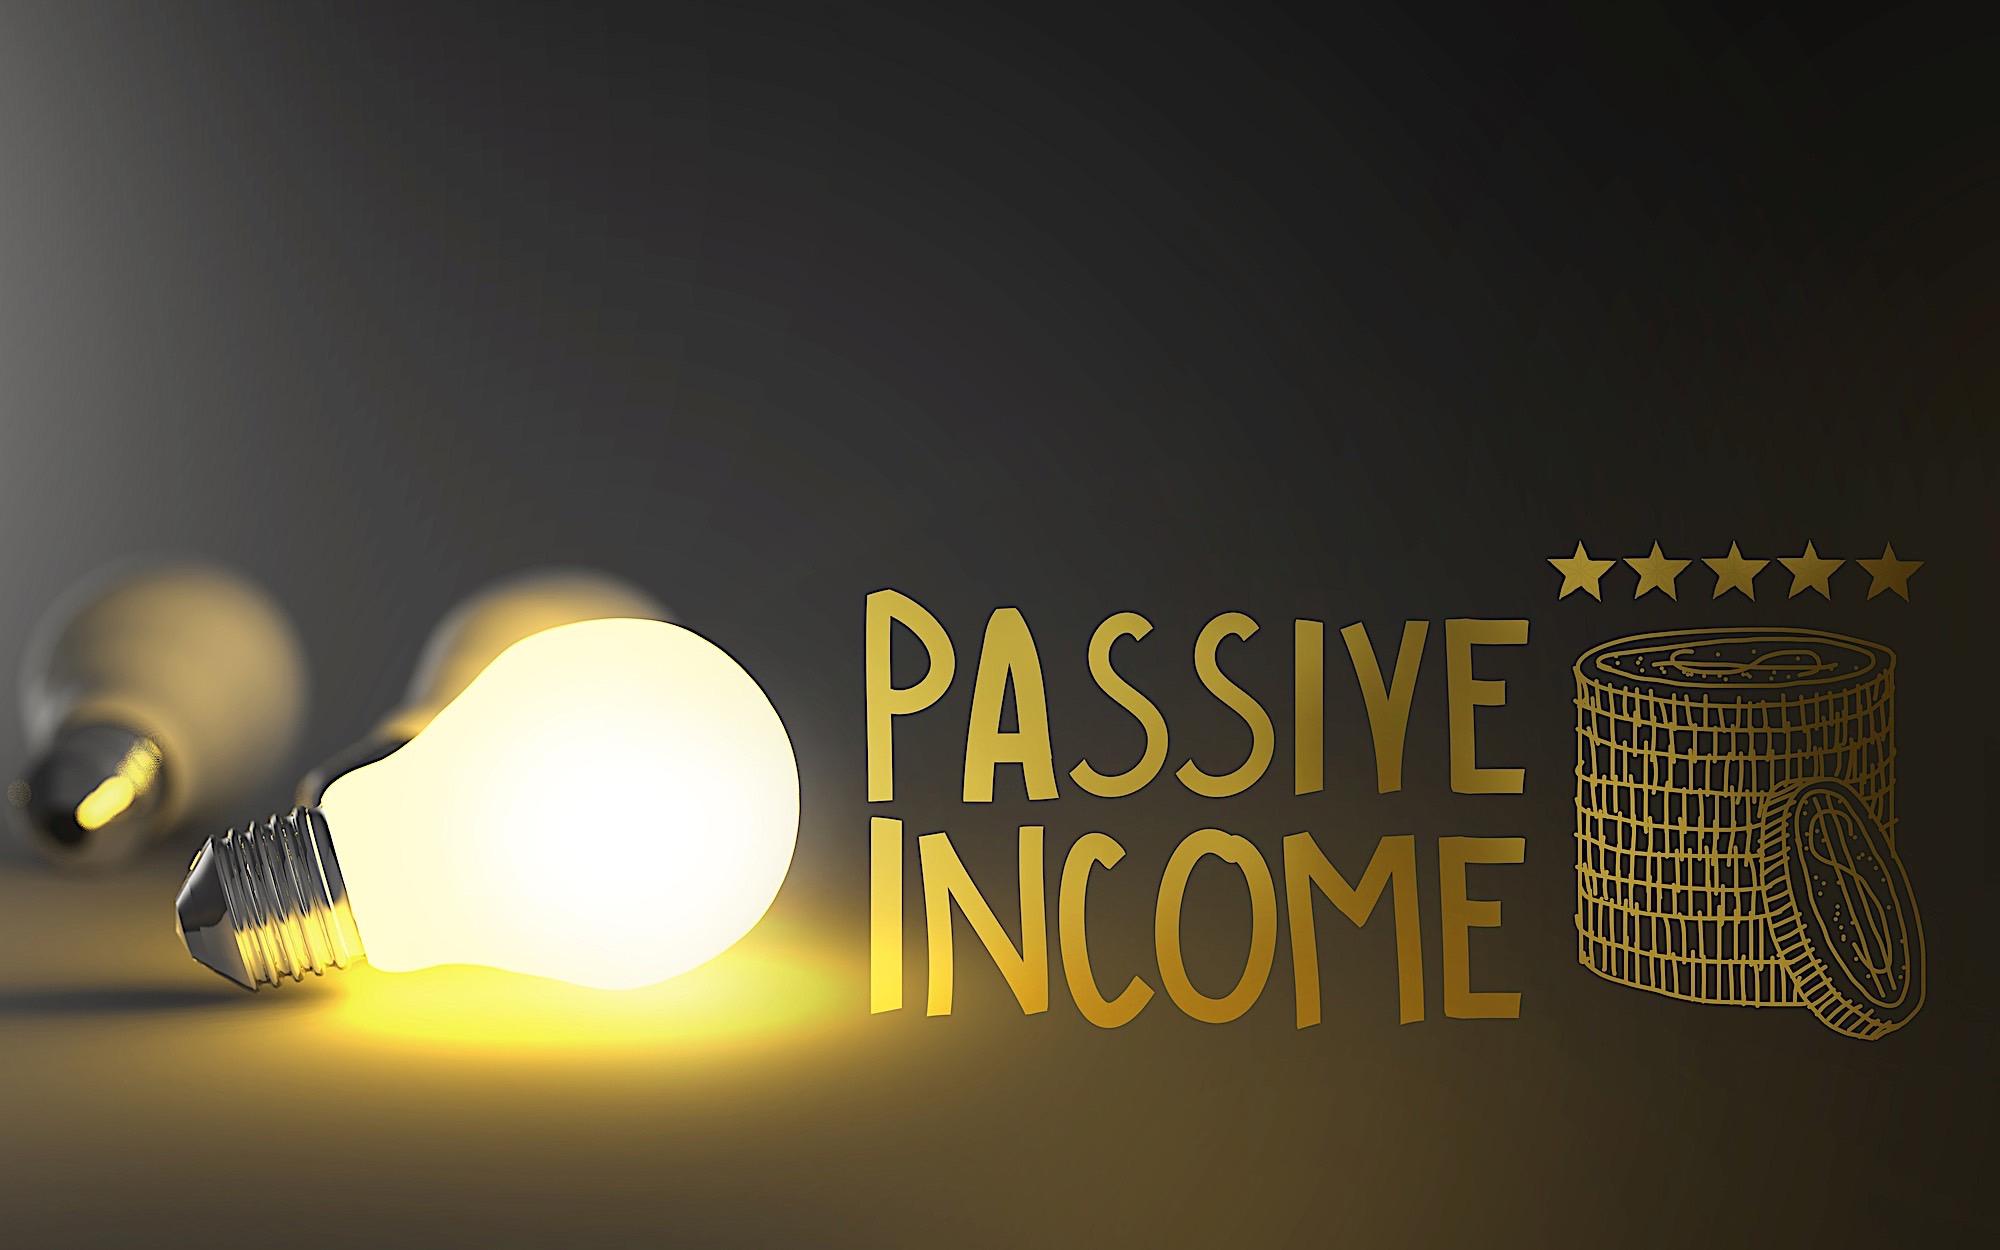 Passive income in forex